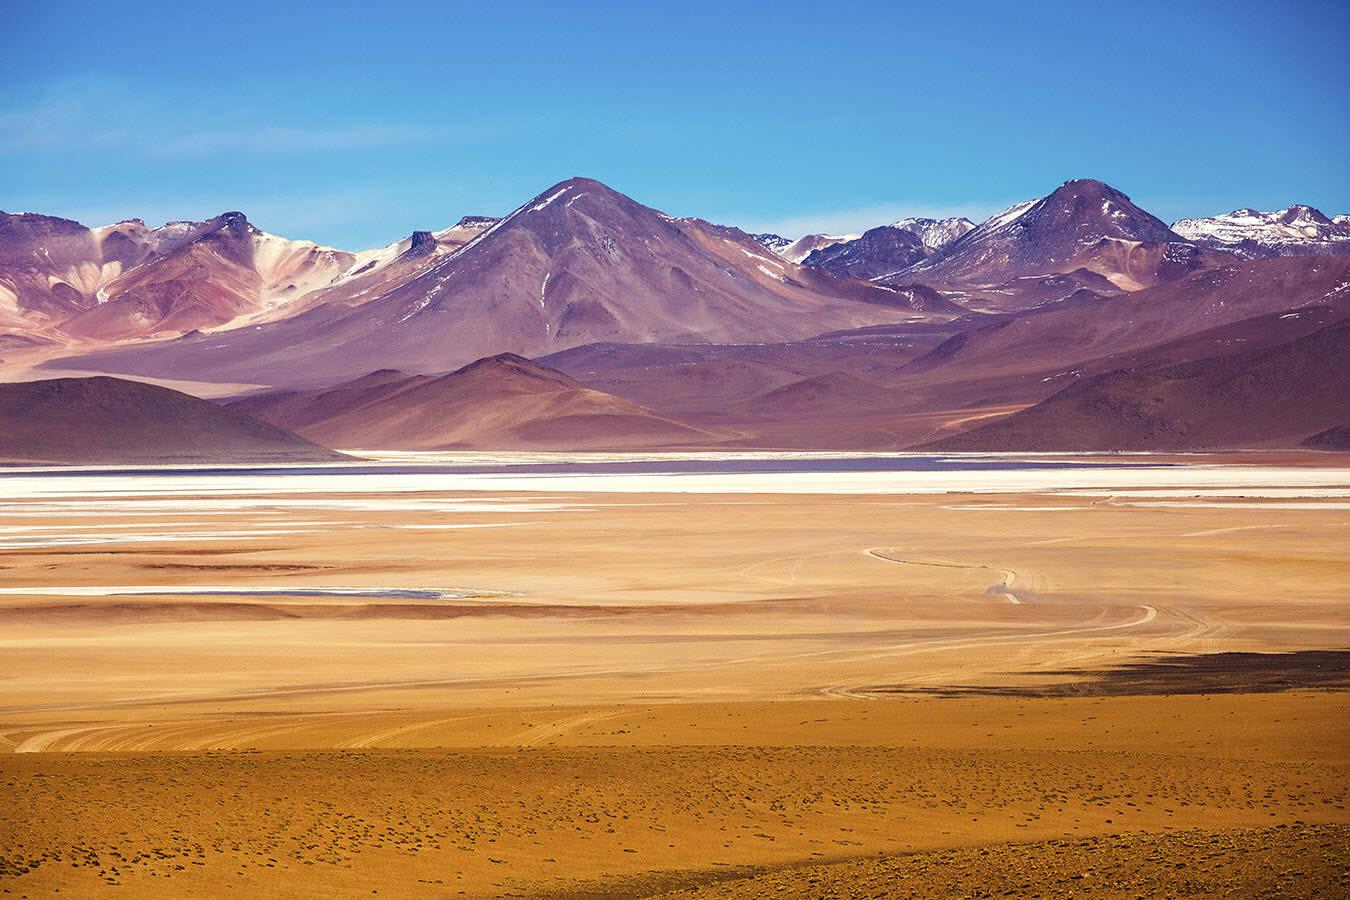 Desierto del desierto de Uyuni Salvador Dalí